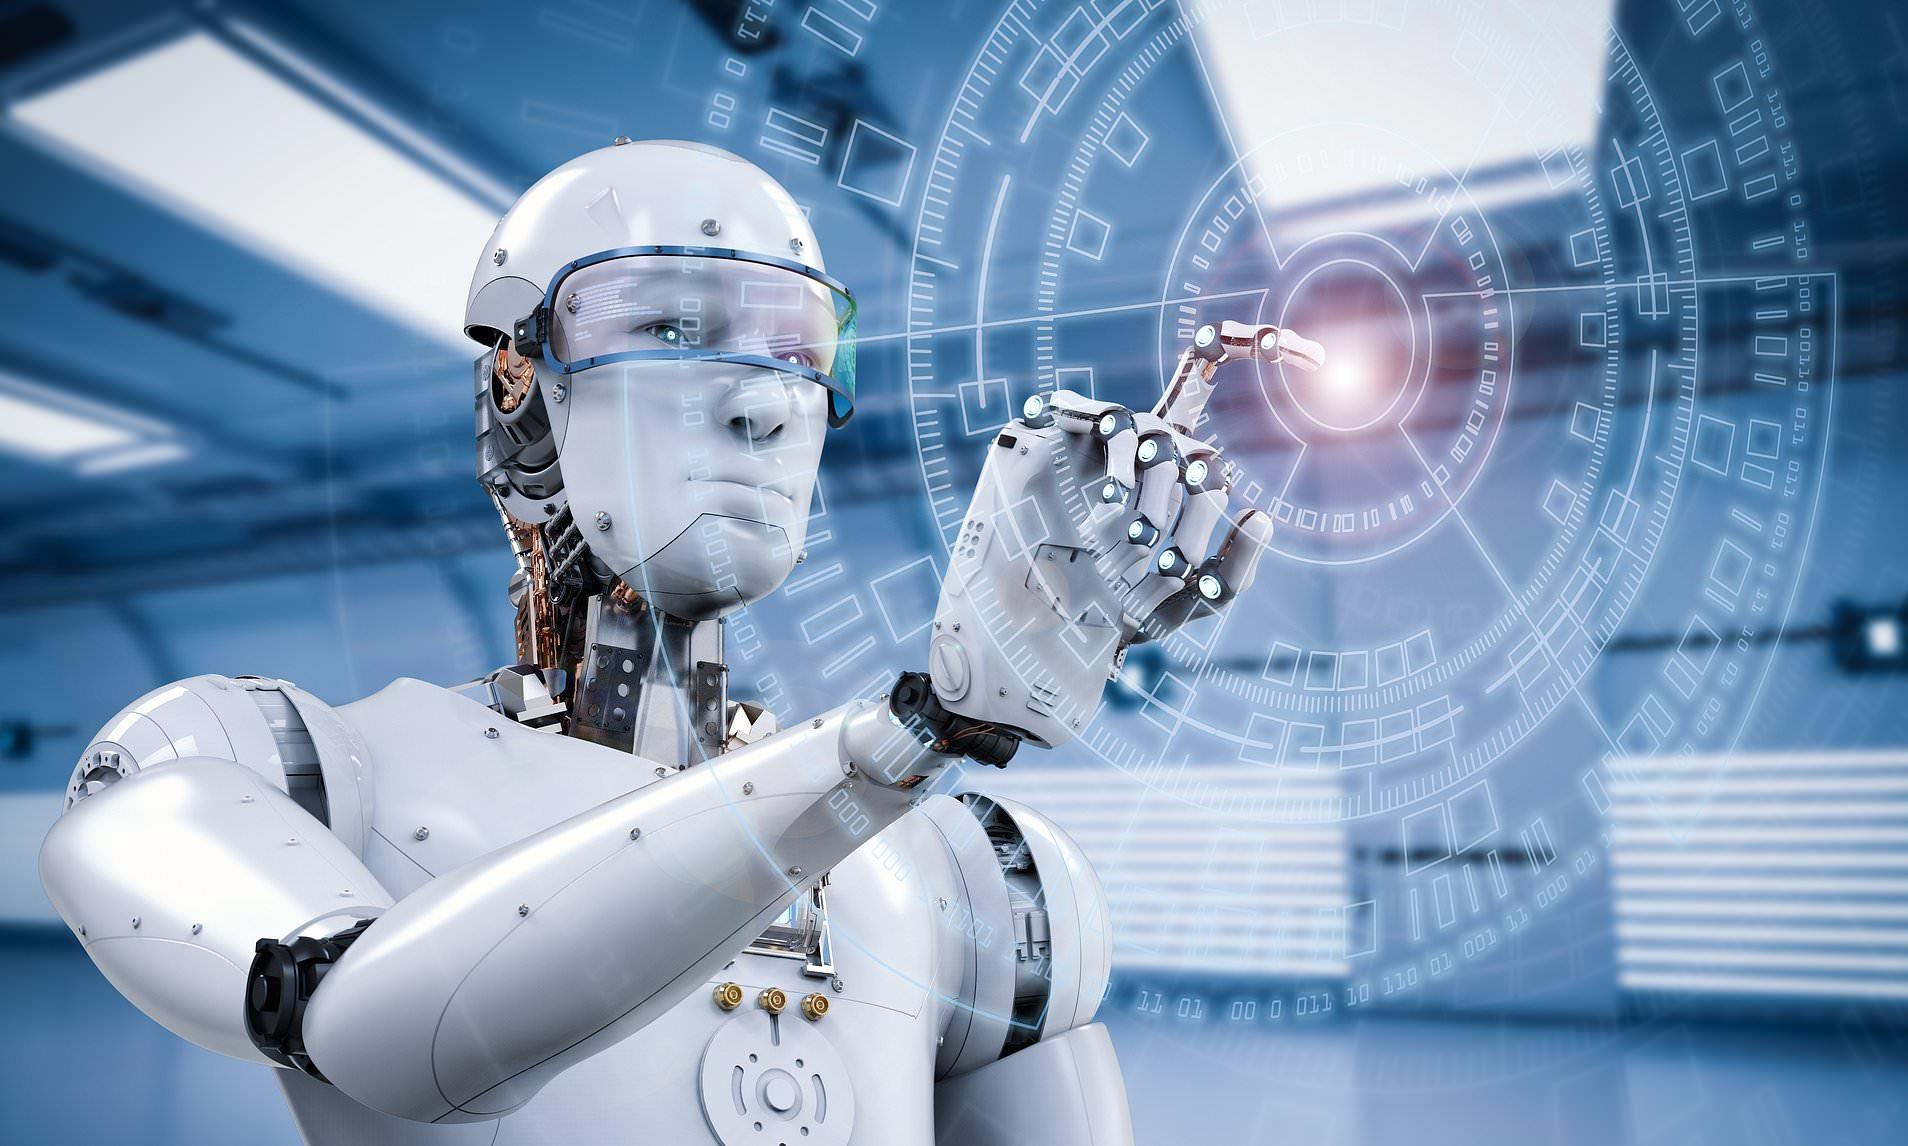 Künstliche Intelligenz in der Medizin – brauchen wir bald keine Ärzte mehr